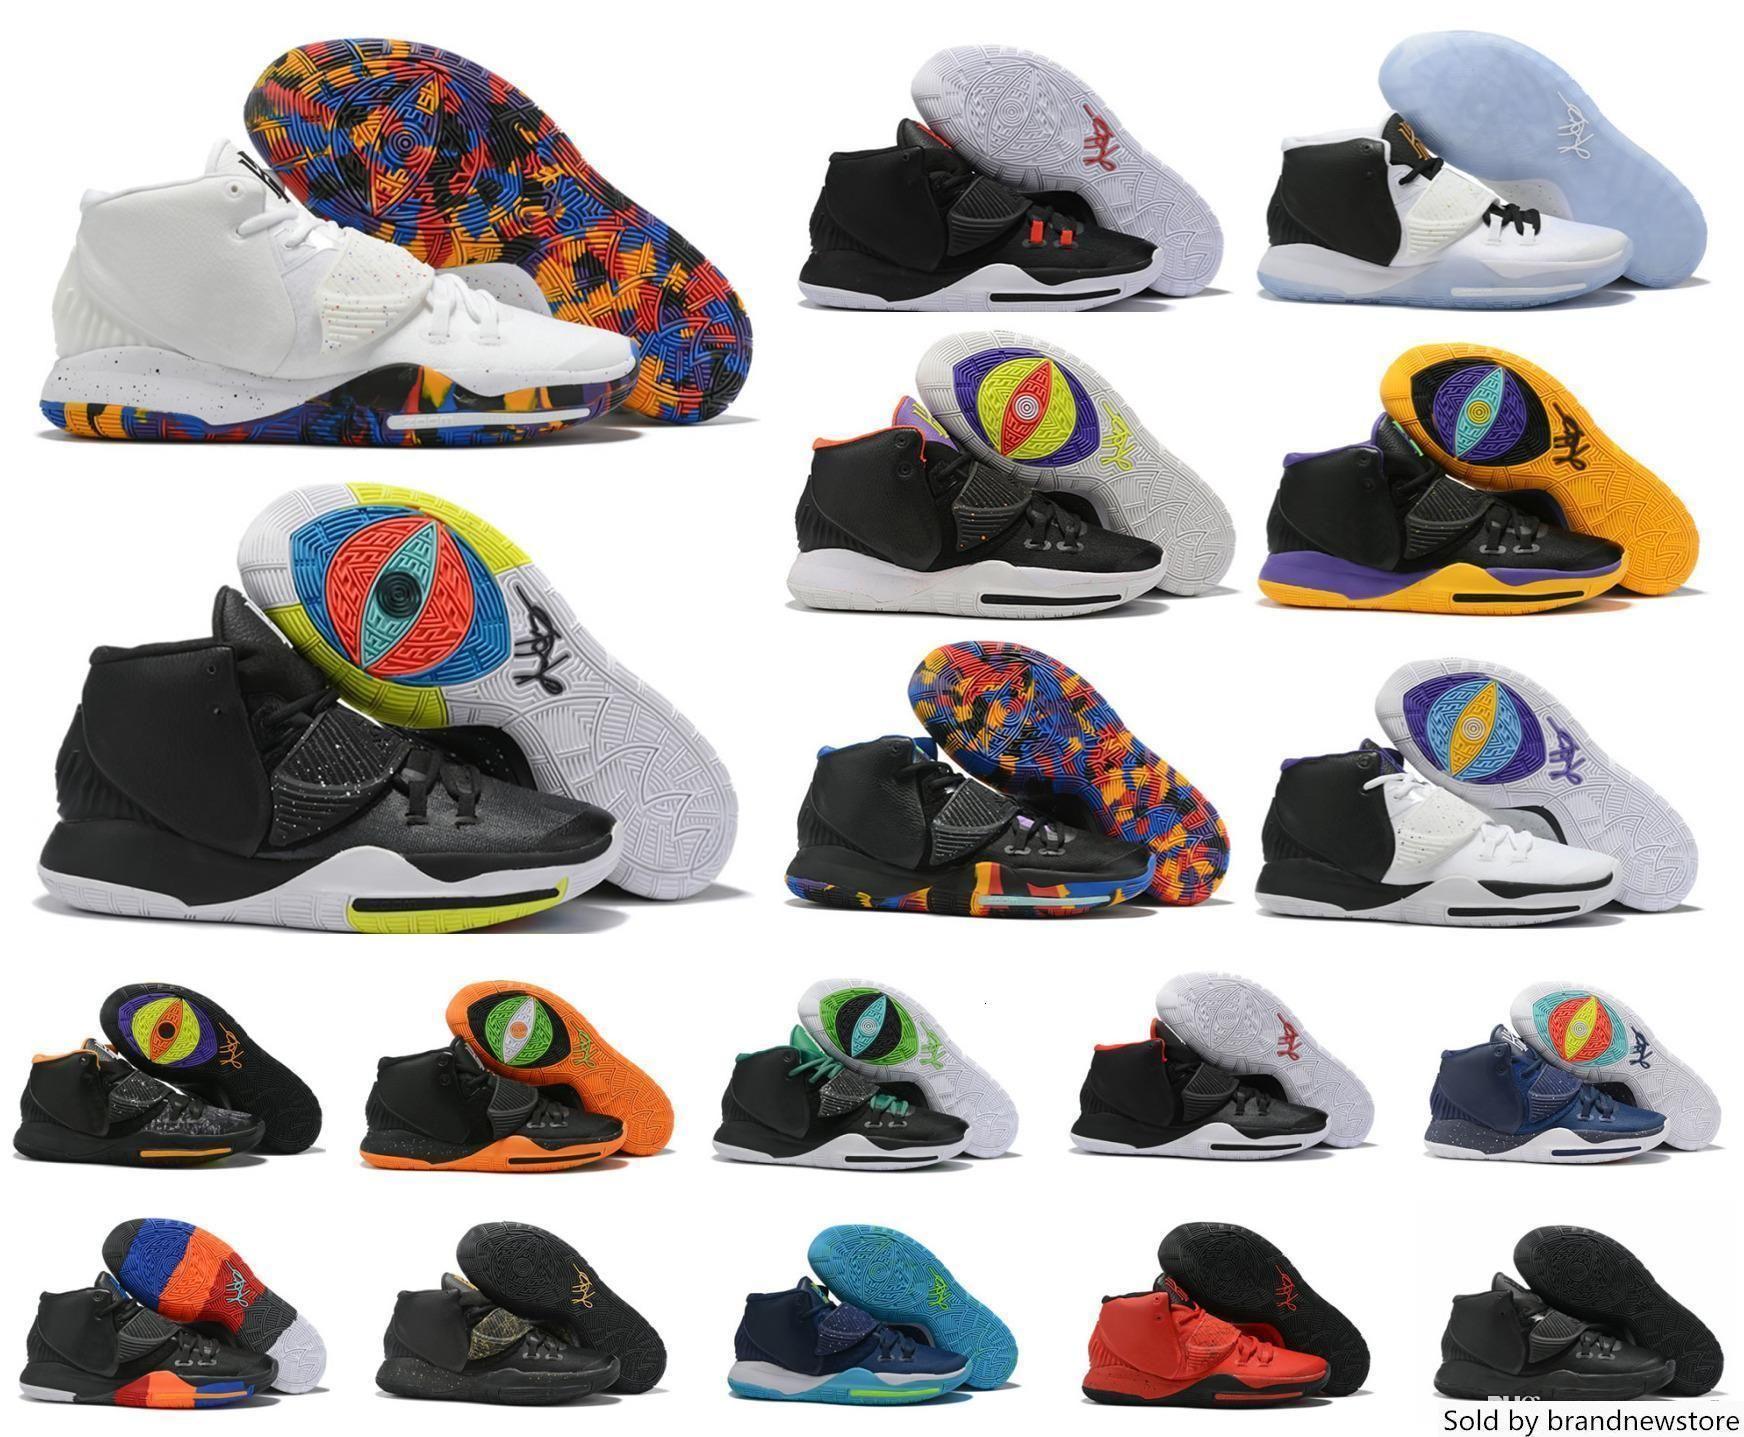 جديد Kyrie السحر الاسود السادس 6 KI6 الرجال لكرة السلة أحذية التدريب ايرفينغ 6S تكبير الرياضة حذاء رياضة high الكاحل الحجم 40-46